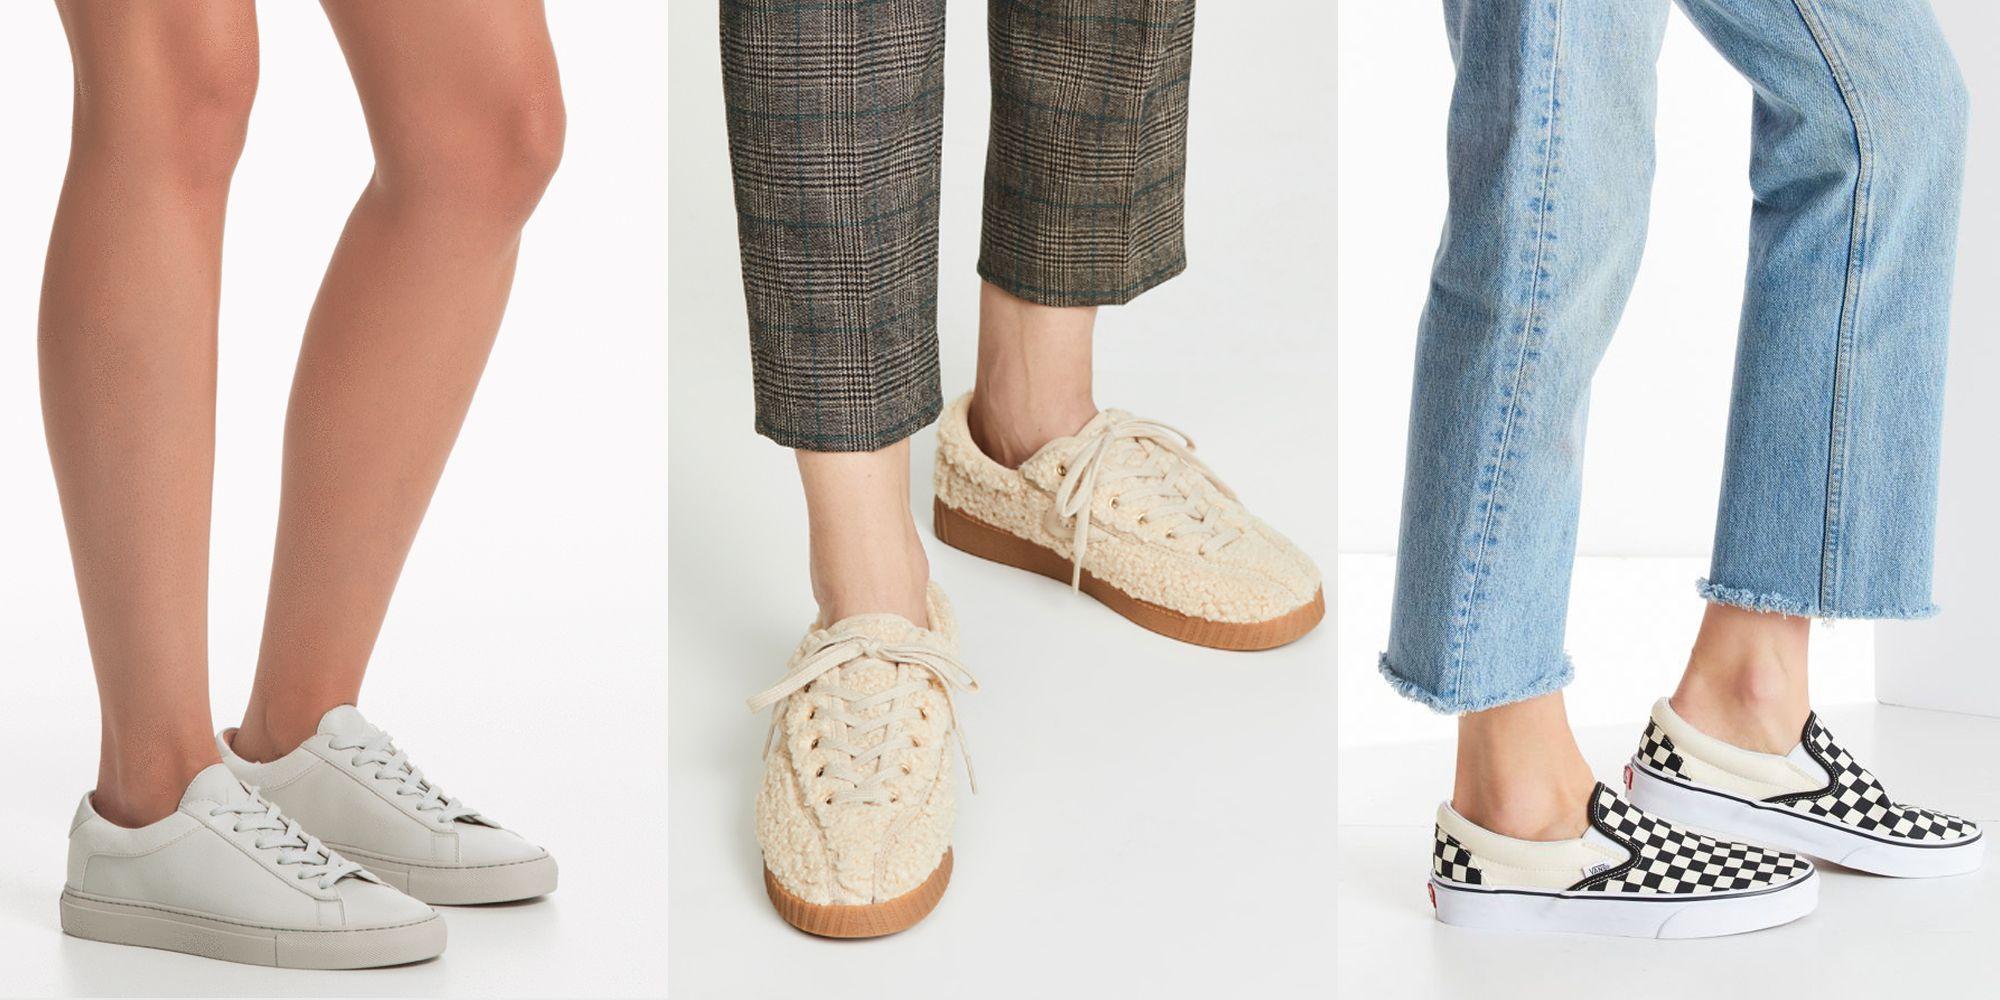 36879add7a60 Best Women's Sneaker Brands — 16 Fashion Sneaker Brands for Women